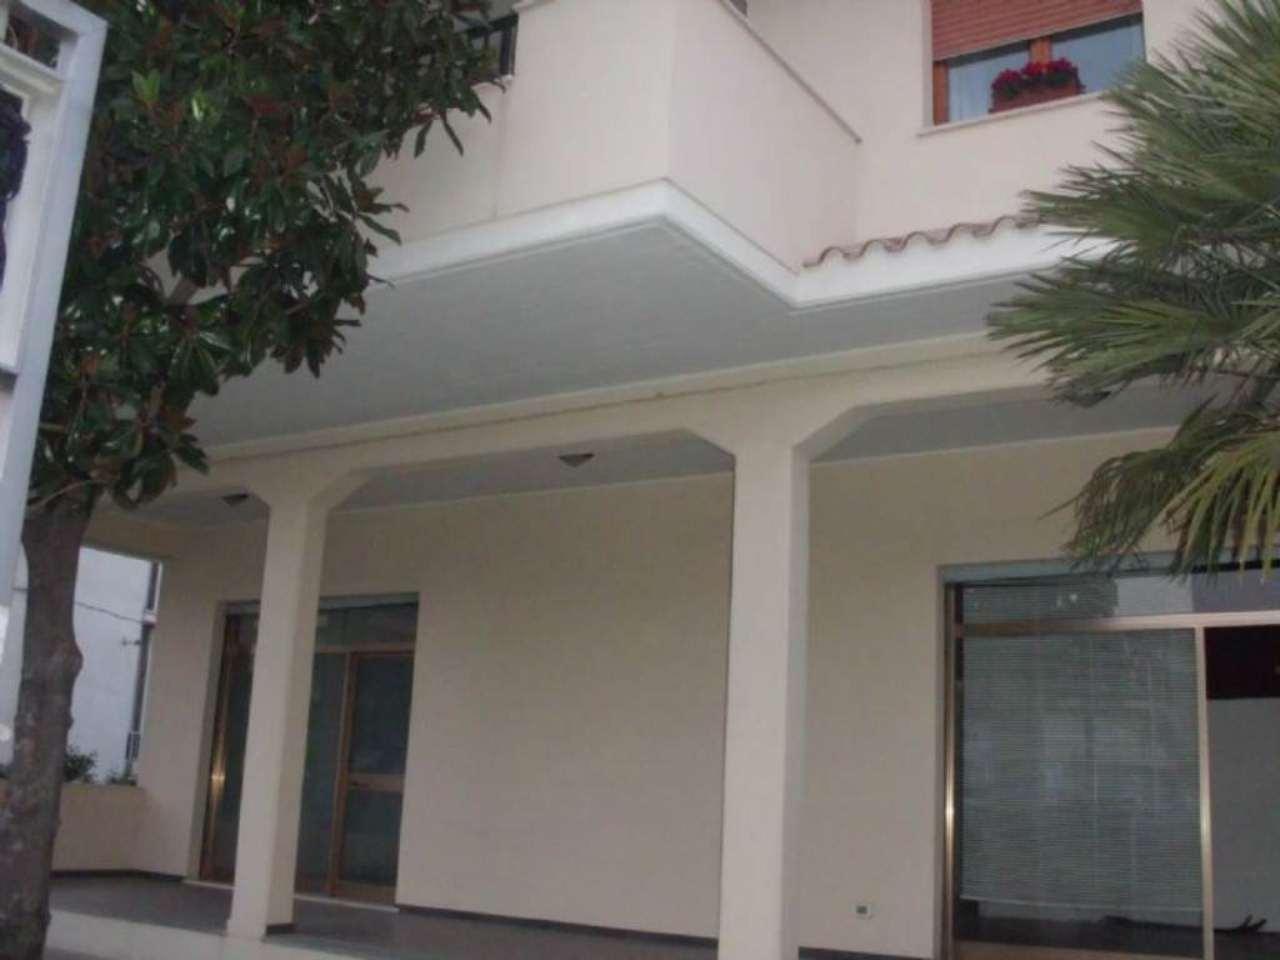 Negozio / Locale in affitto a Montesilvano, 2 locali, prezzo € 800 | Cambio Casa.it